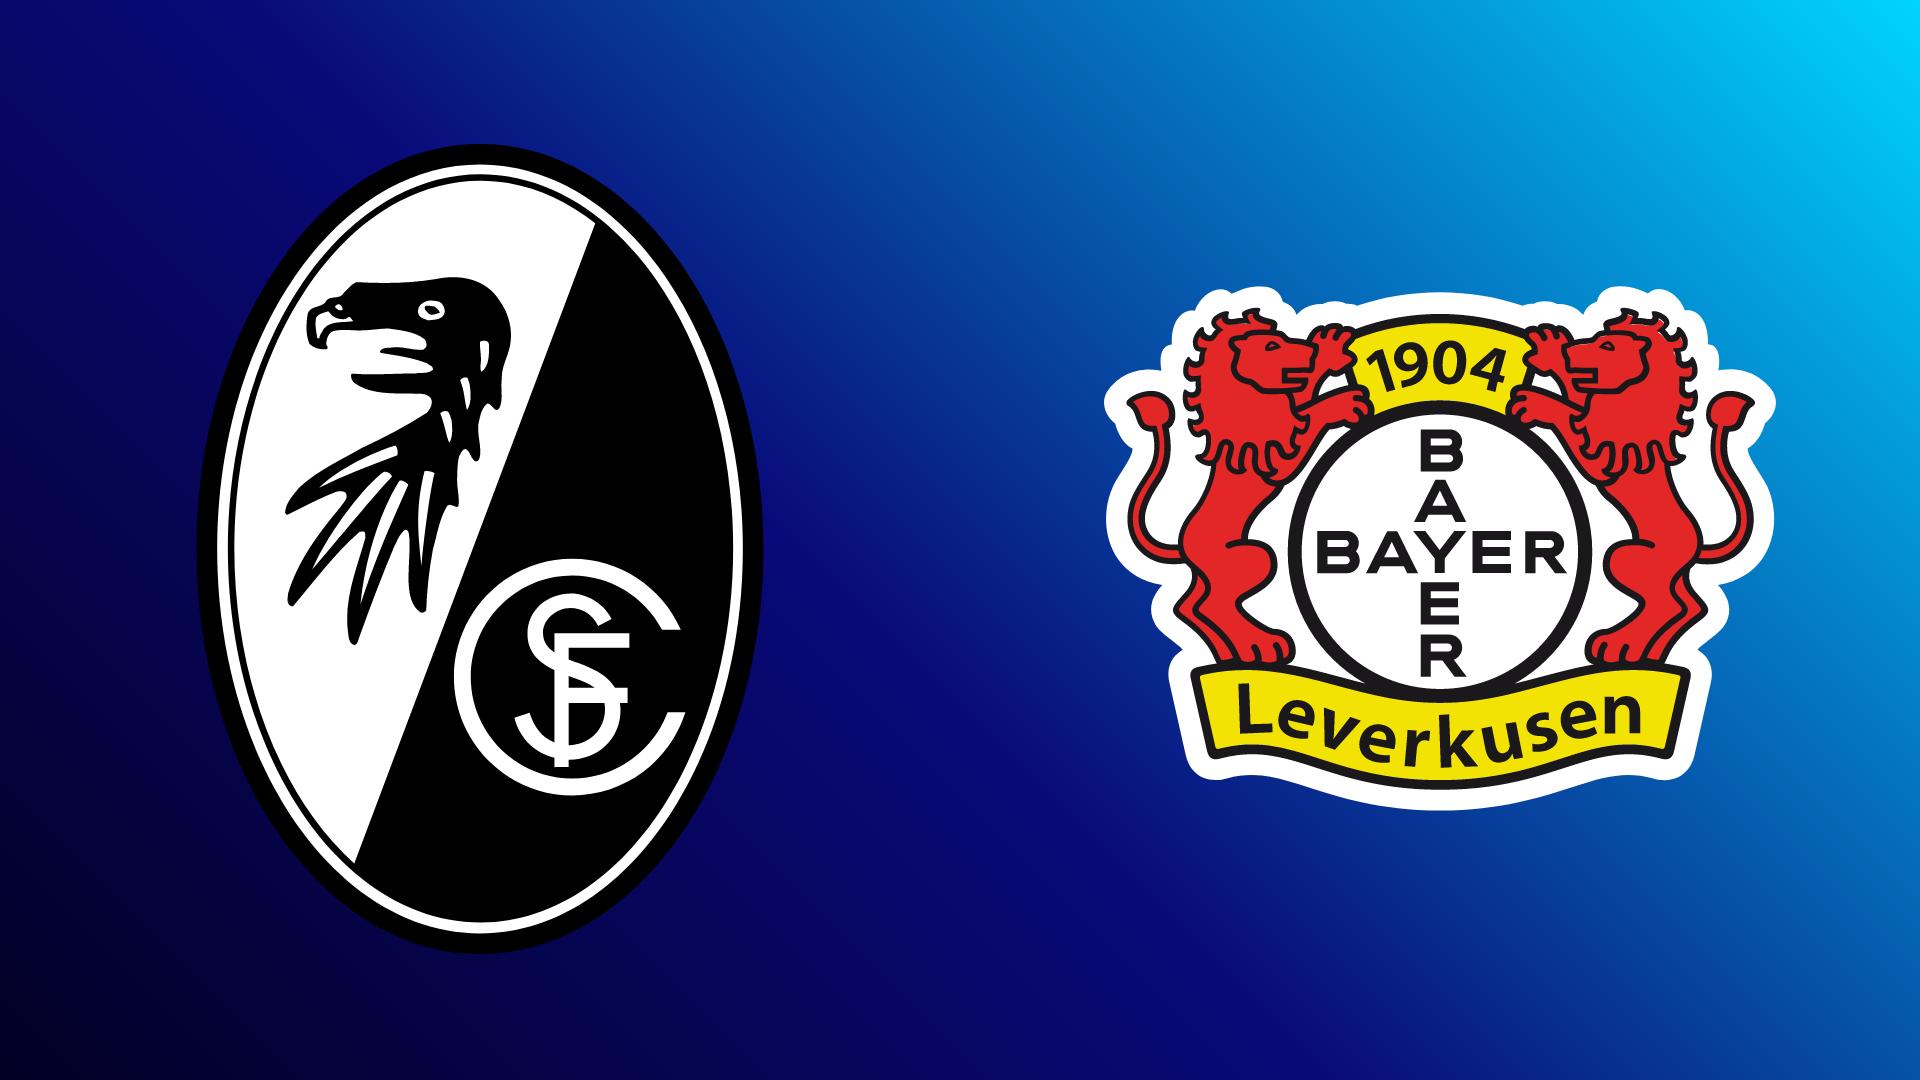 SC Freiburg - Bayer 04 Leverkusen 16.10.2021 um 12:45 Uhr auf Magenta Sport